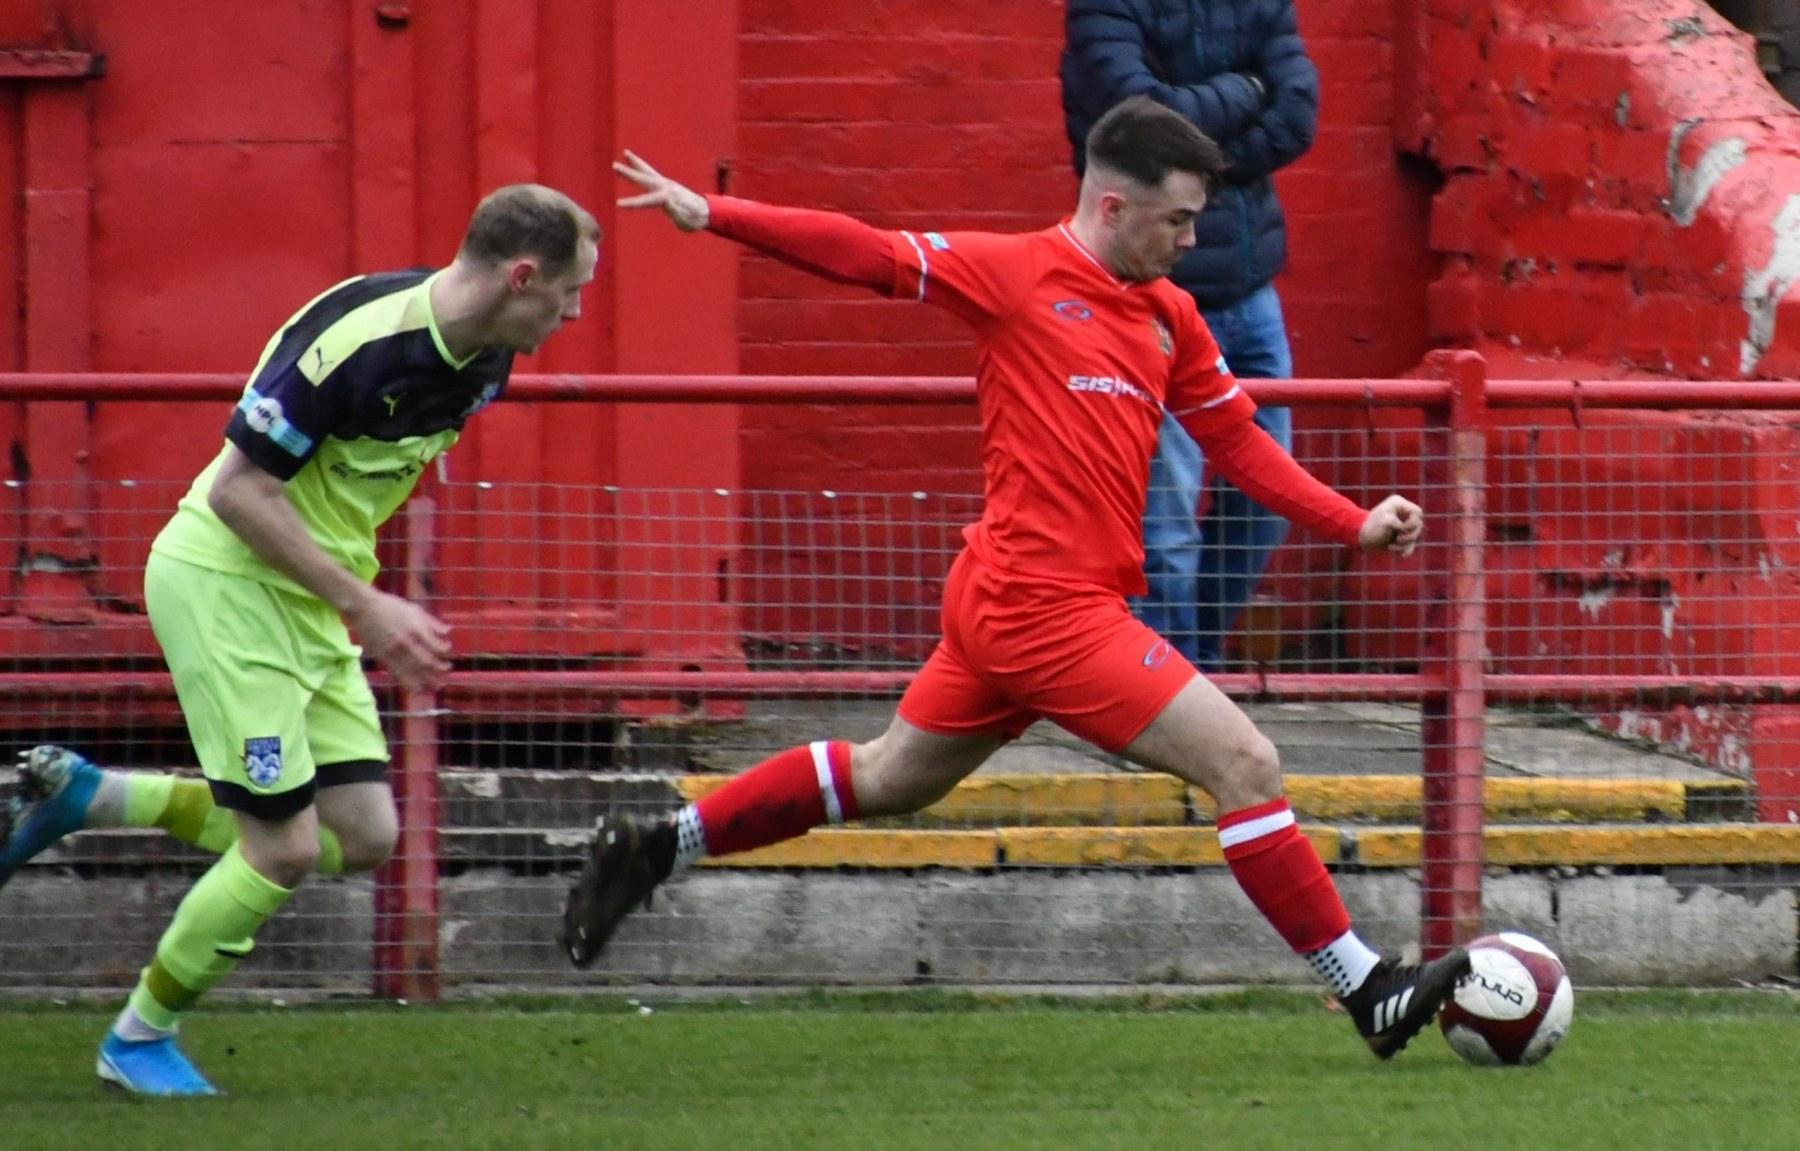 Workington-Reds-v-Ossett-Utd-Ben-Challis-6-scaled